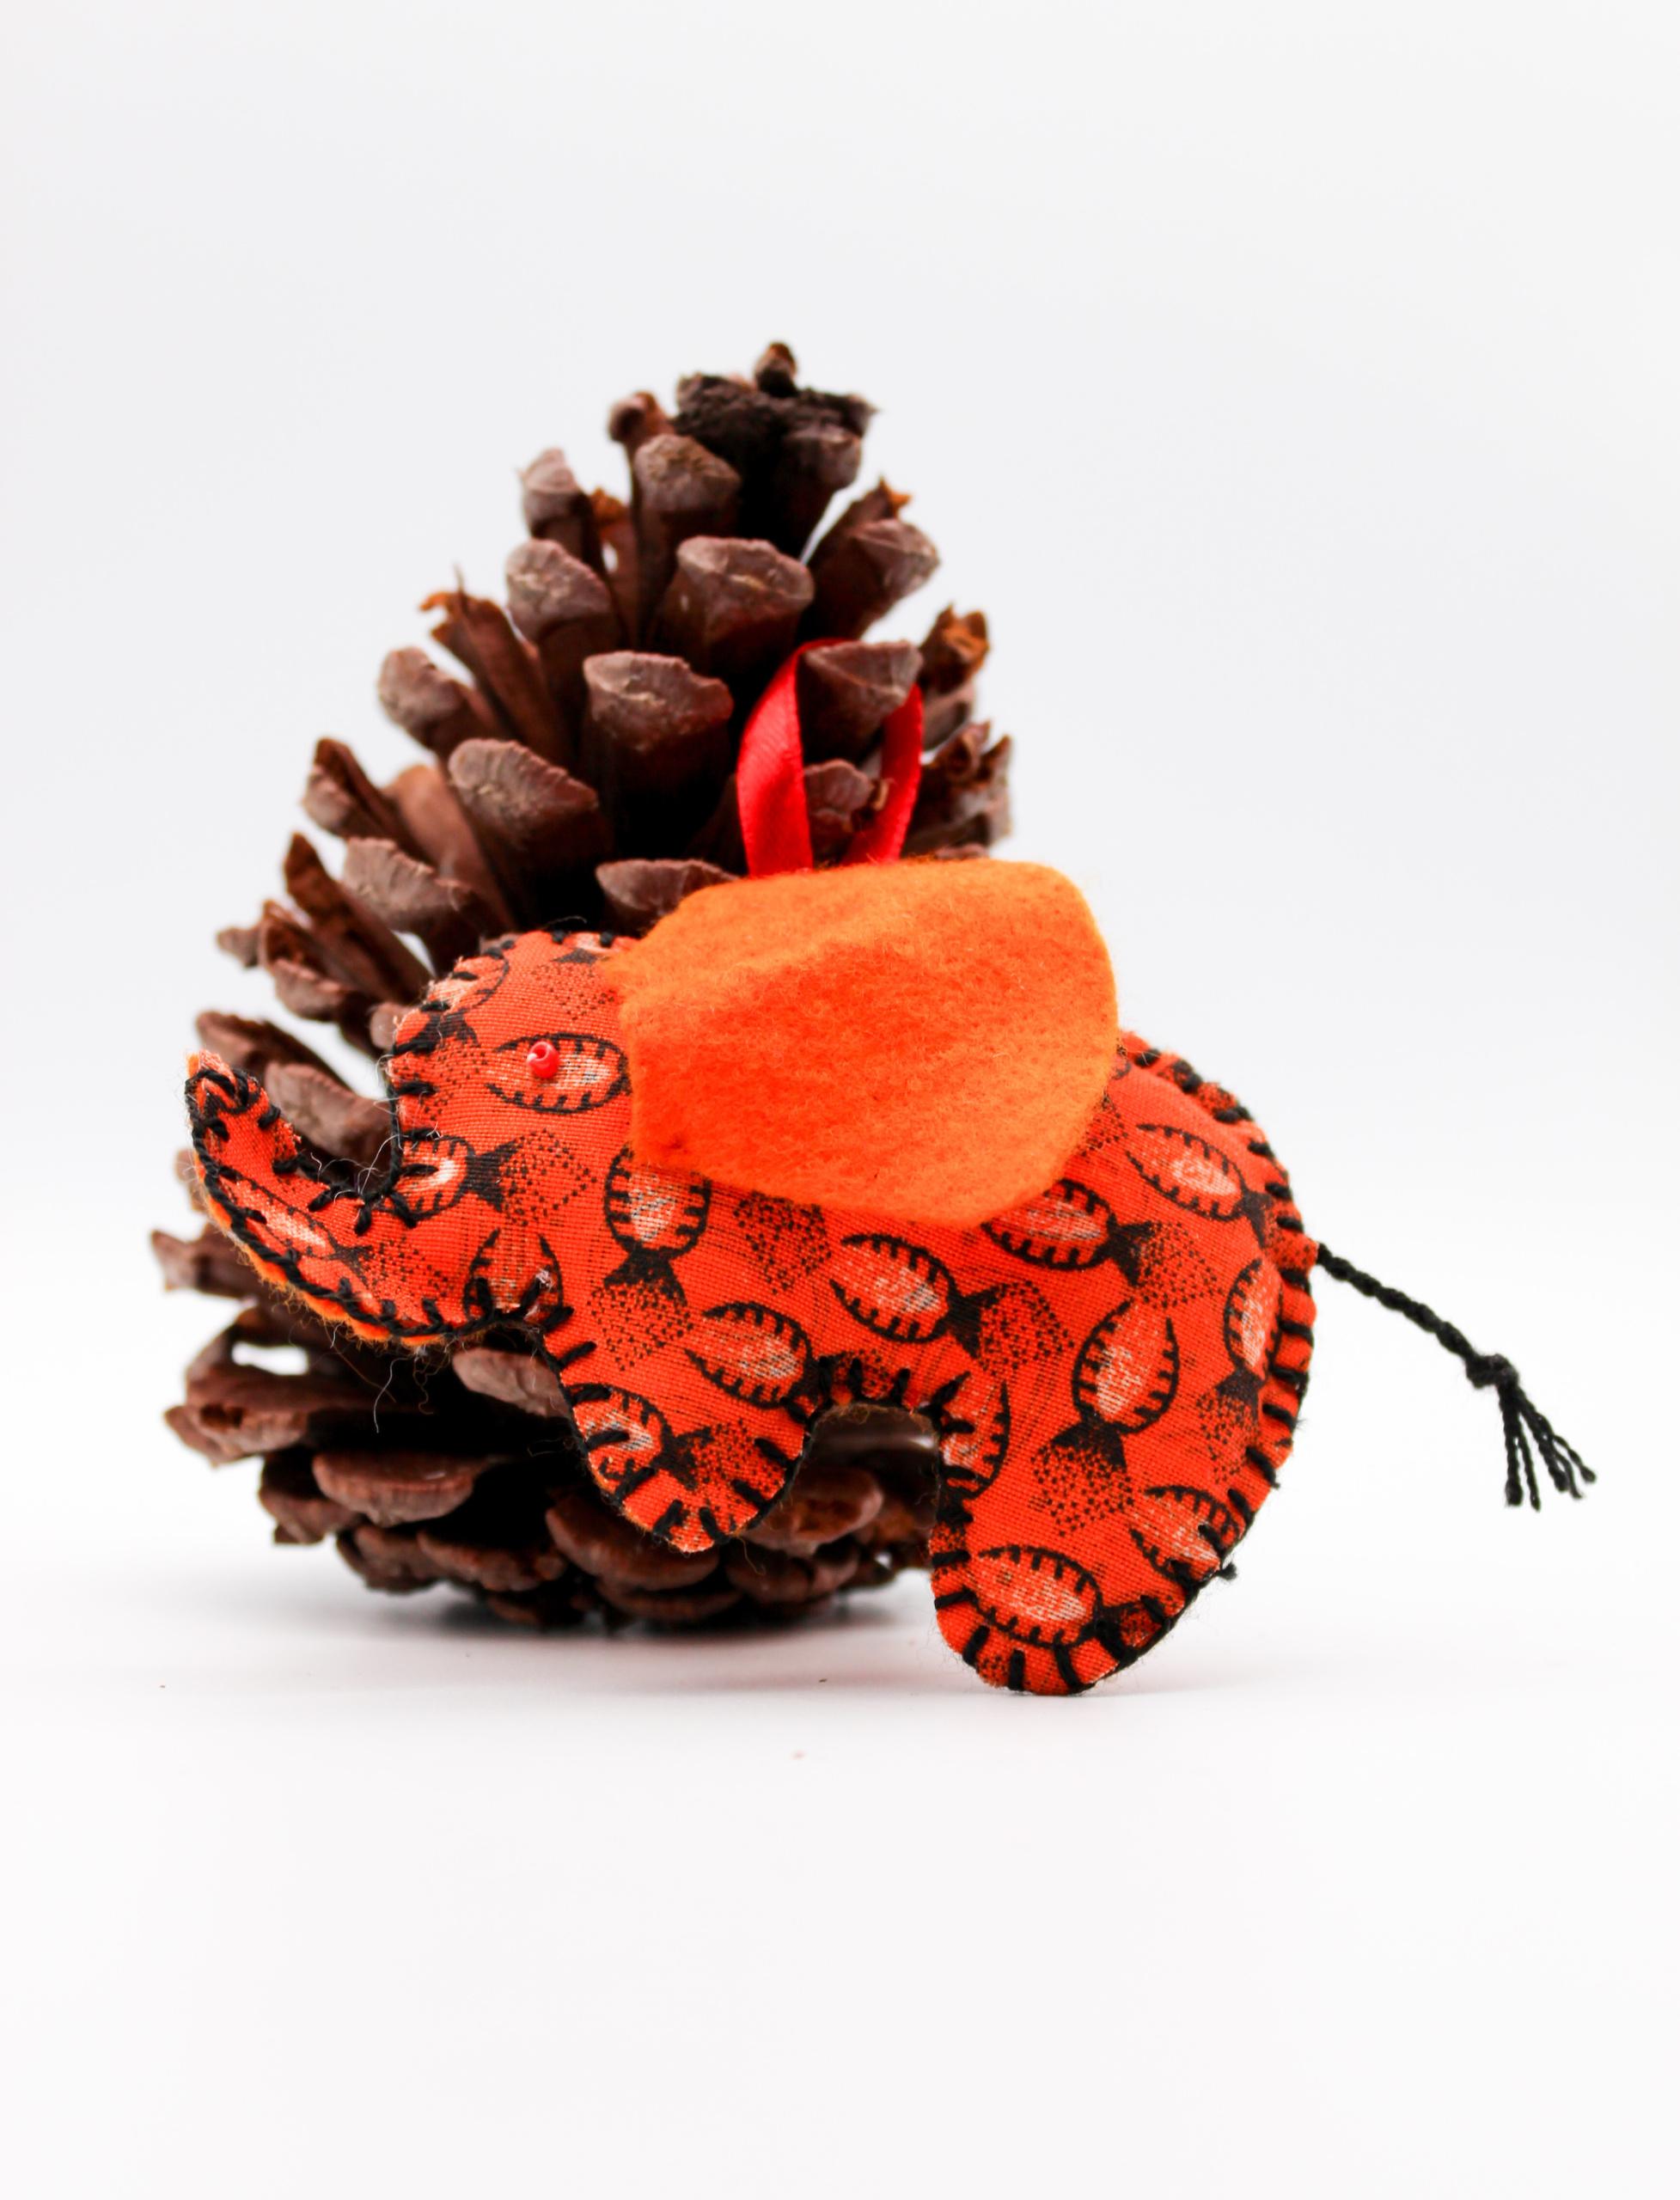 Christmas-elephant-orange